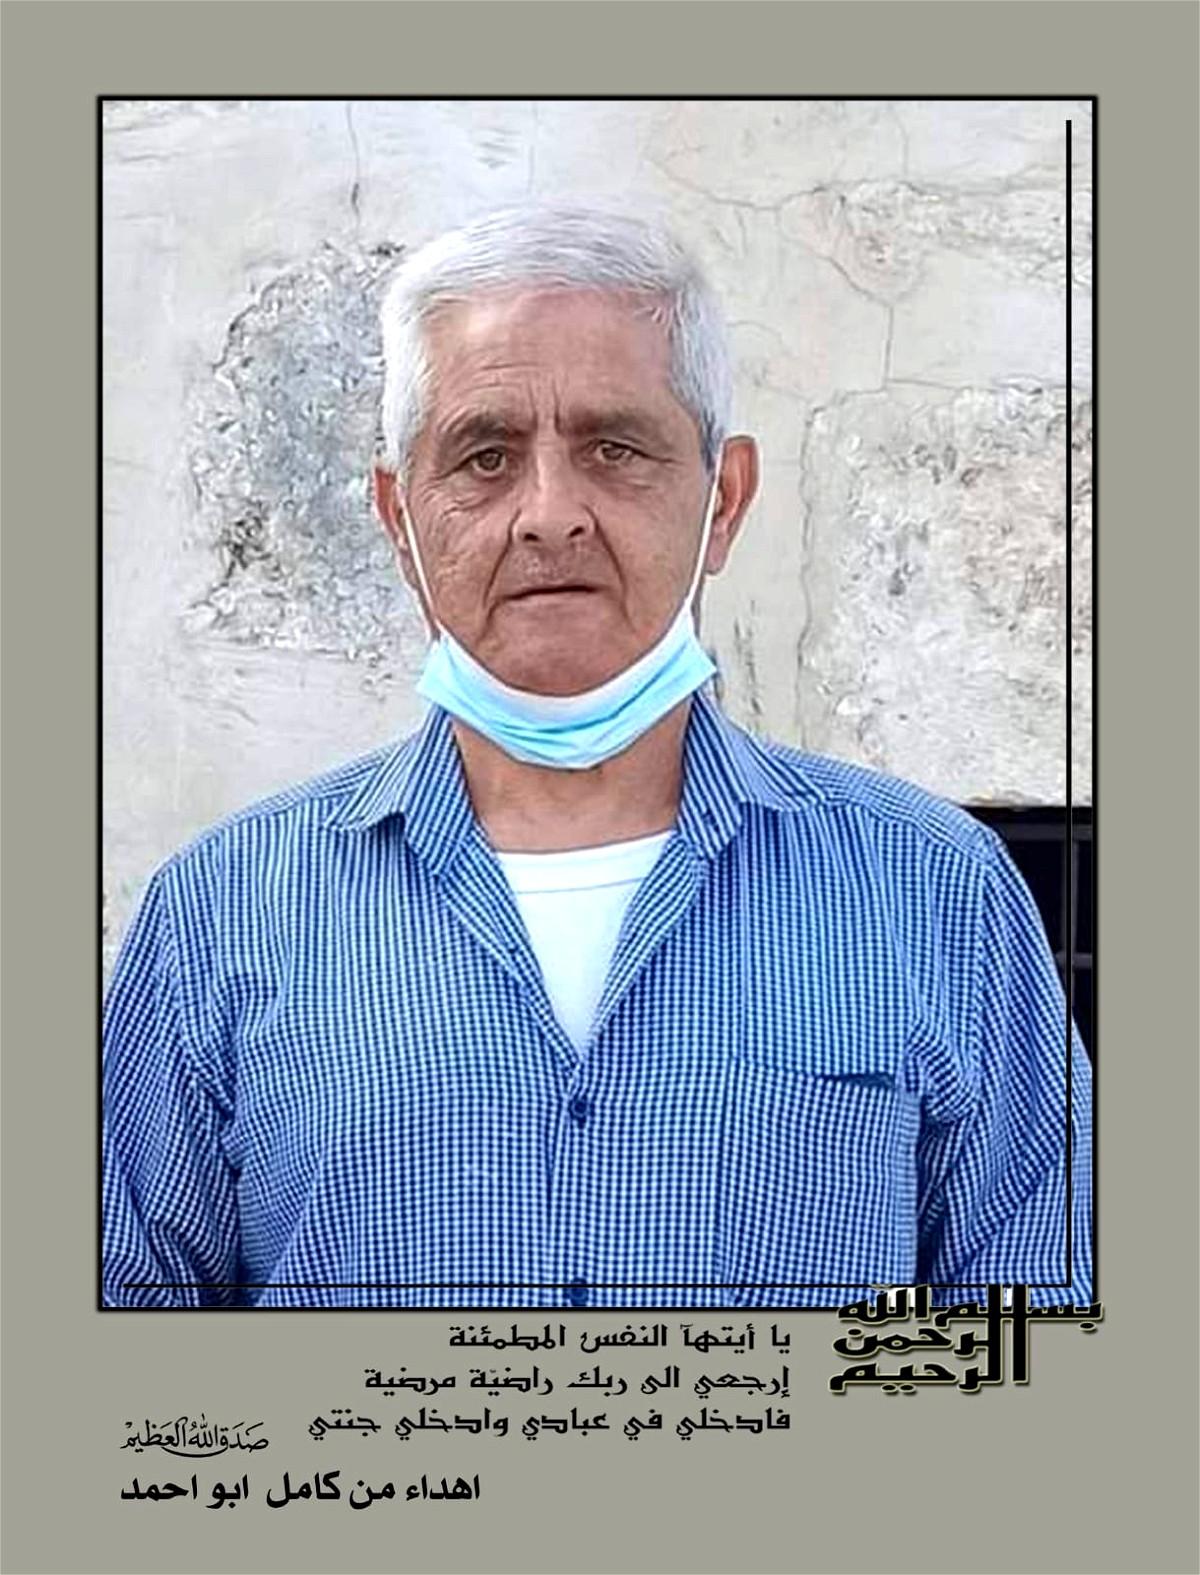 الناصرة: الحاج خليل محمد